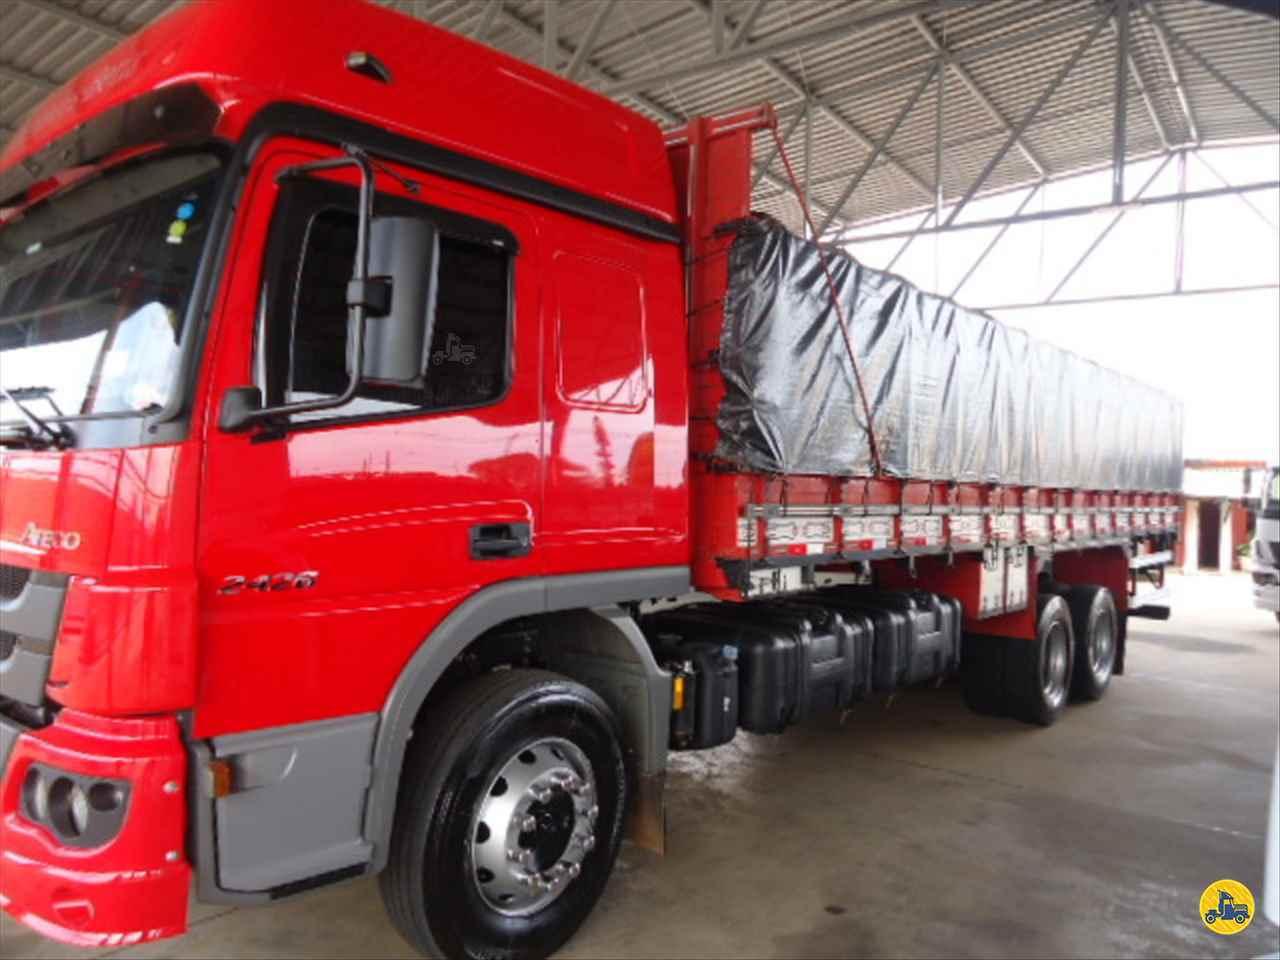 CAMINHAO MERCEDES-BENZ MB 2426 Graneleiro Truck 6x2 Talismã Veículos VARGEM GRANDE DO SUL SÃO PAULO SP